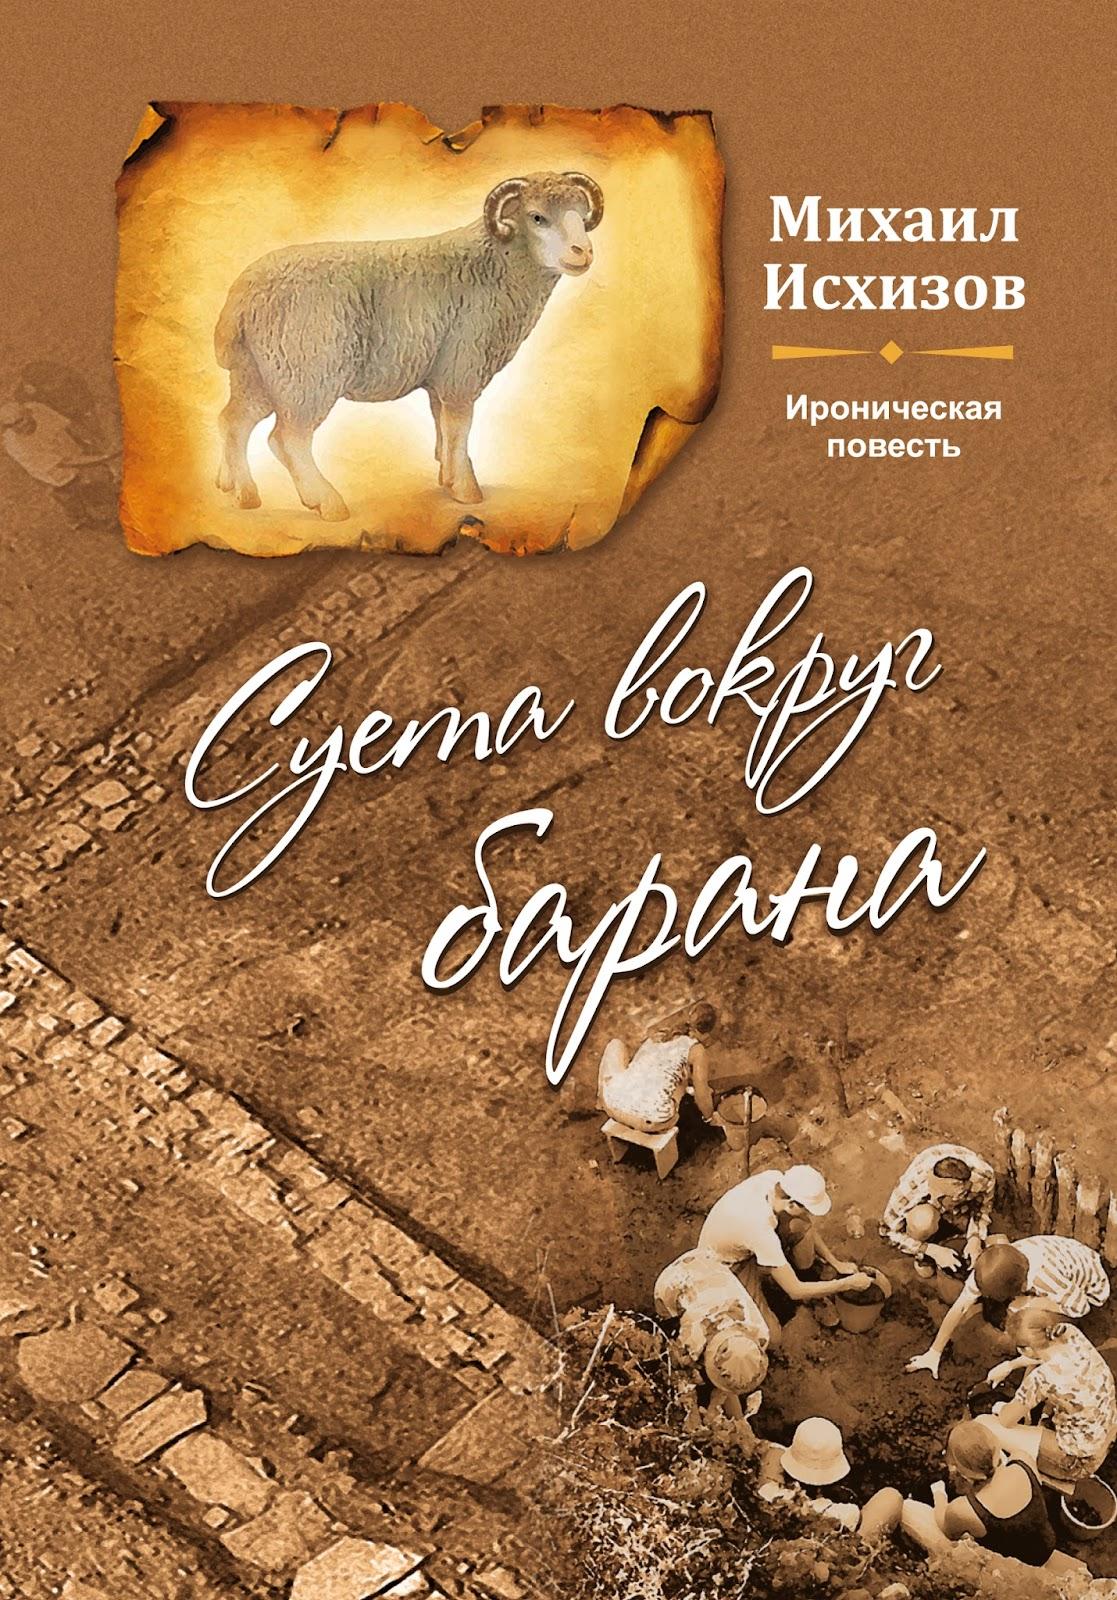 журнал археология 1995 3